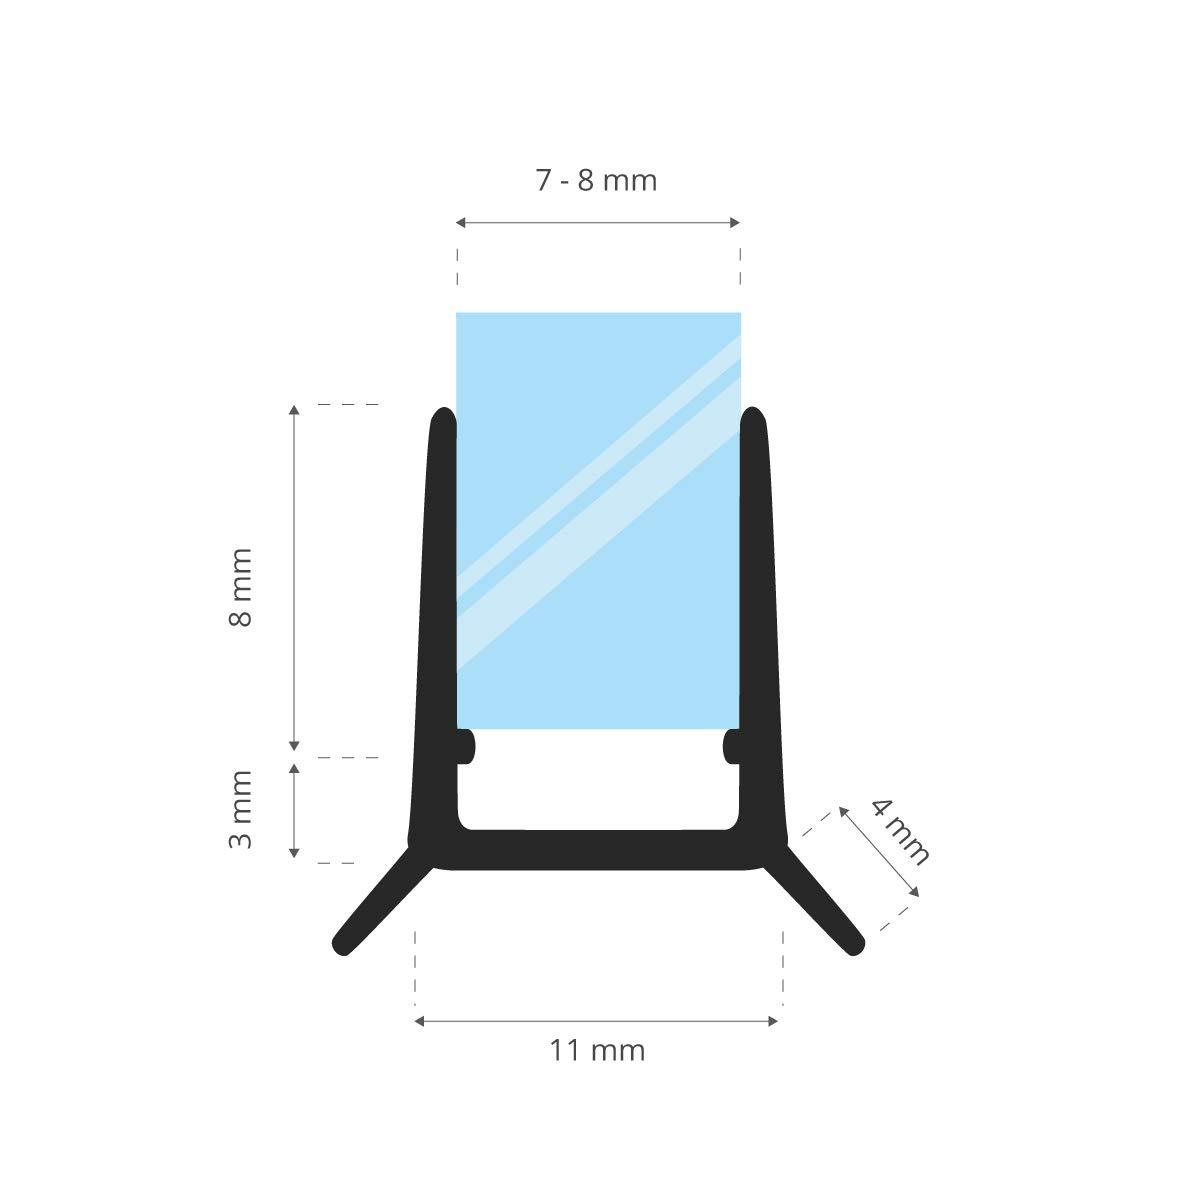 STEIGNER 80cm UK24-08 Guarnizione box doccia per 7mm//8mm Spessore del vetro Guarnizione doccia sostitutiva deflettente Protegge la cabina dallumidit/à dritta